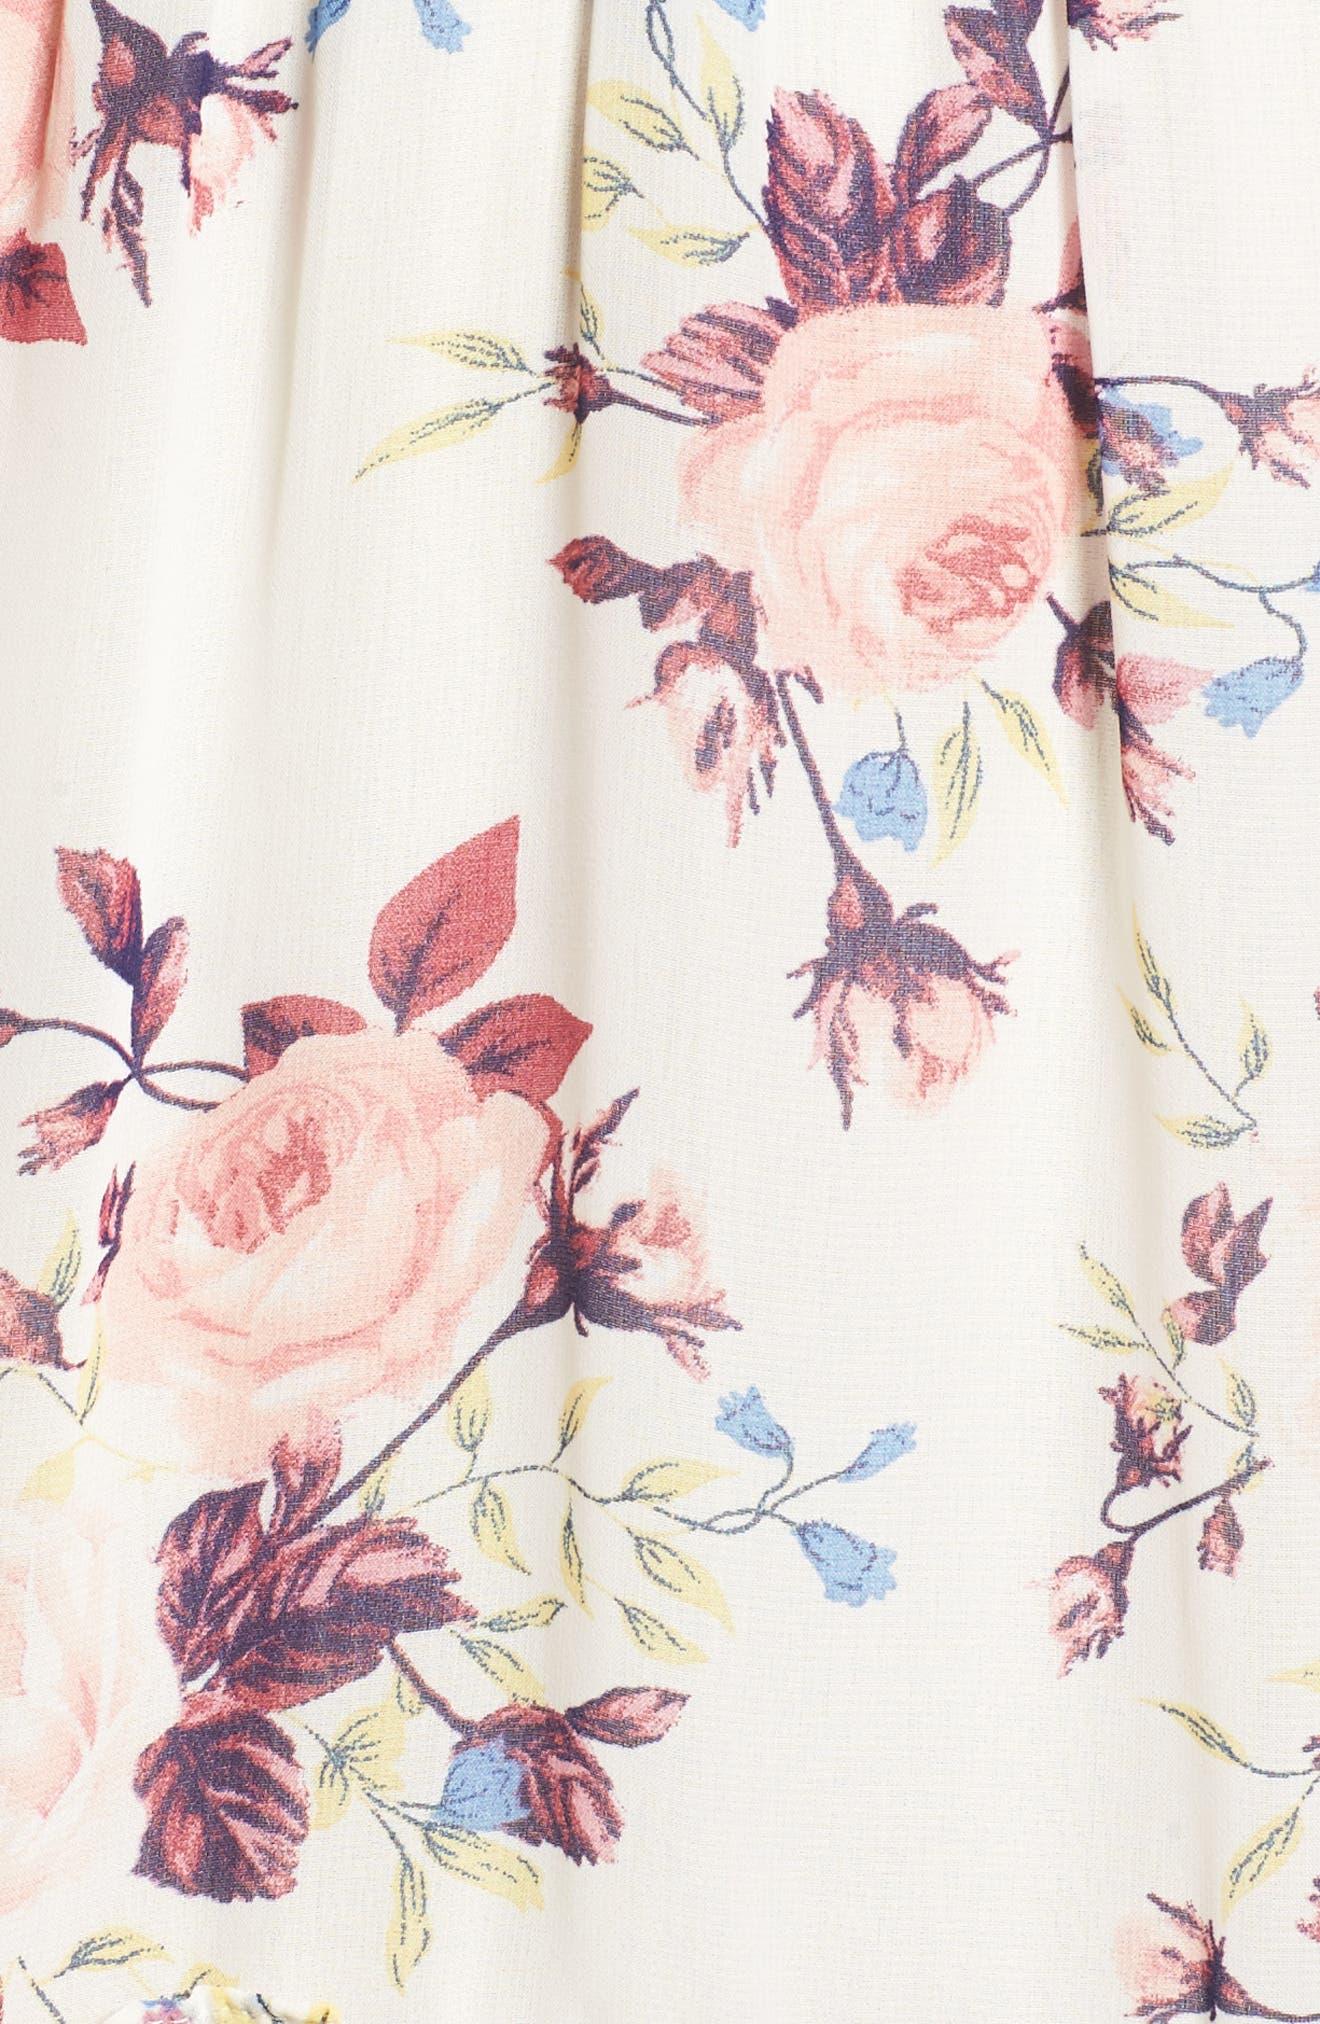 Aviana Midi Dress,                             Alternate thumbnail 5, color,                             White/ Multi Em10